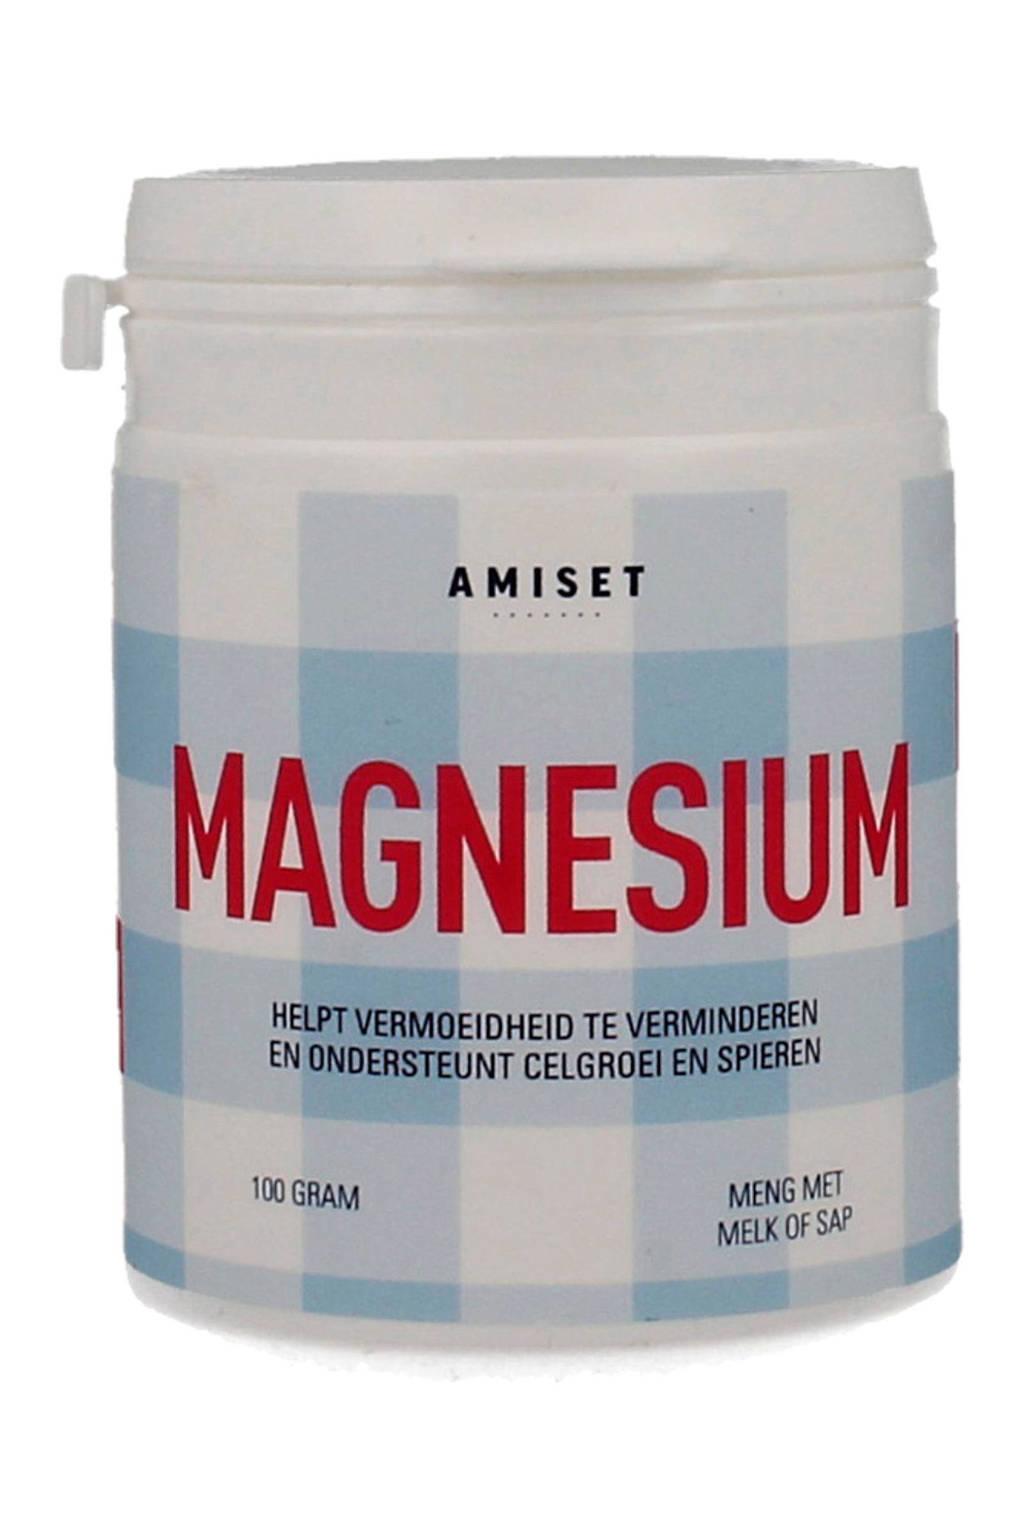 Amiset Magnesium poeder - 100 gram